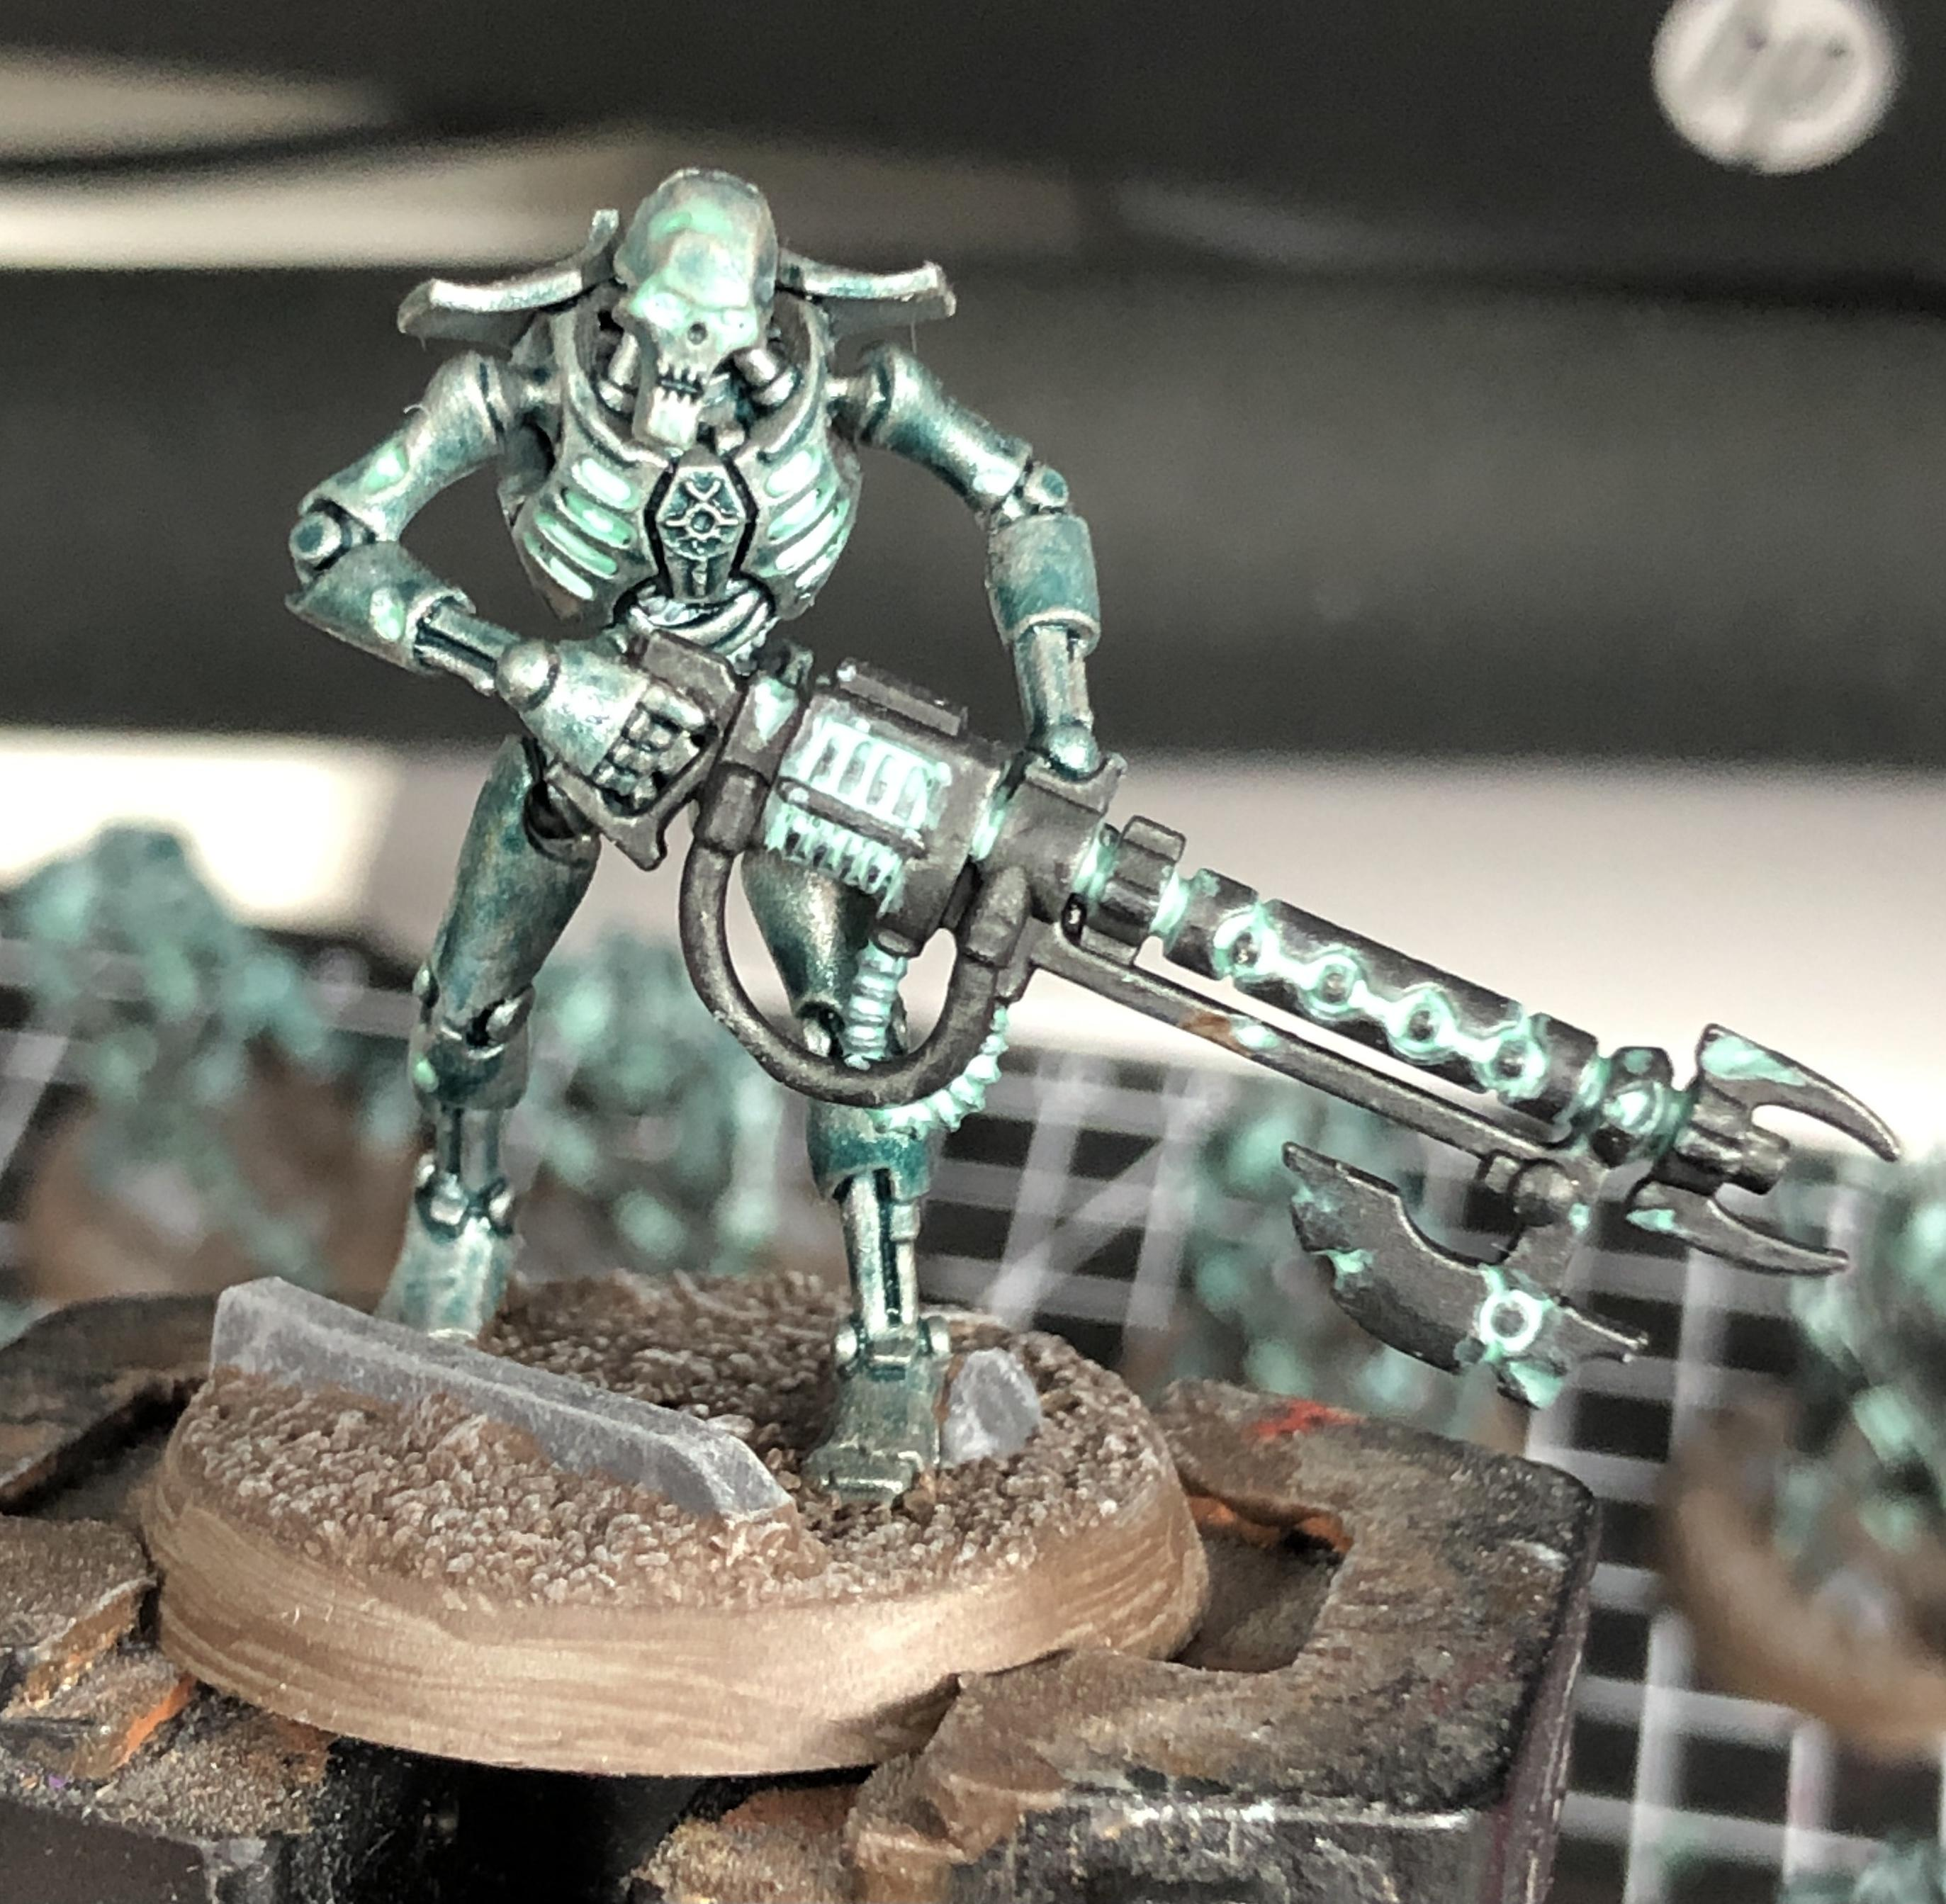 Indomitus, Necron Warriors Wip, Necrons, Warhammer 40,000